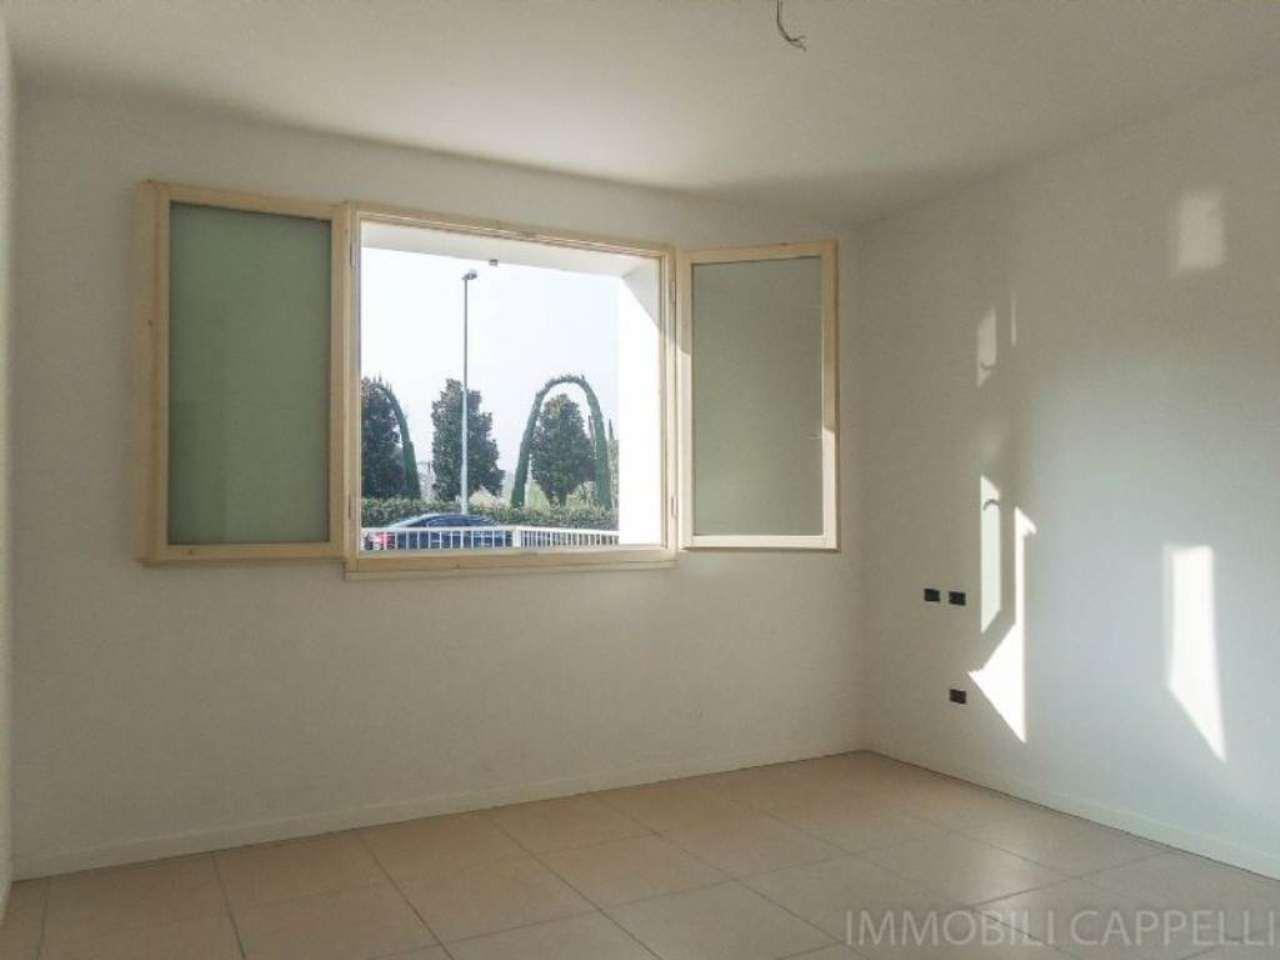 Appartamento in vendita a Cesena, 3 locali, prezzo € 166.000 | CambioCasa.it